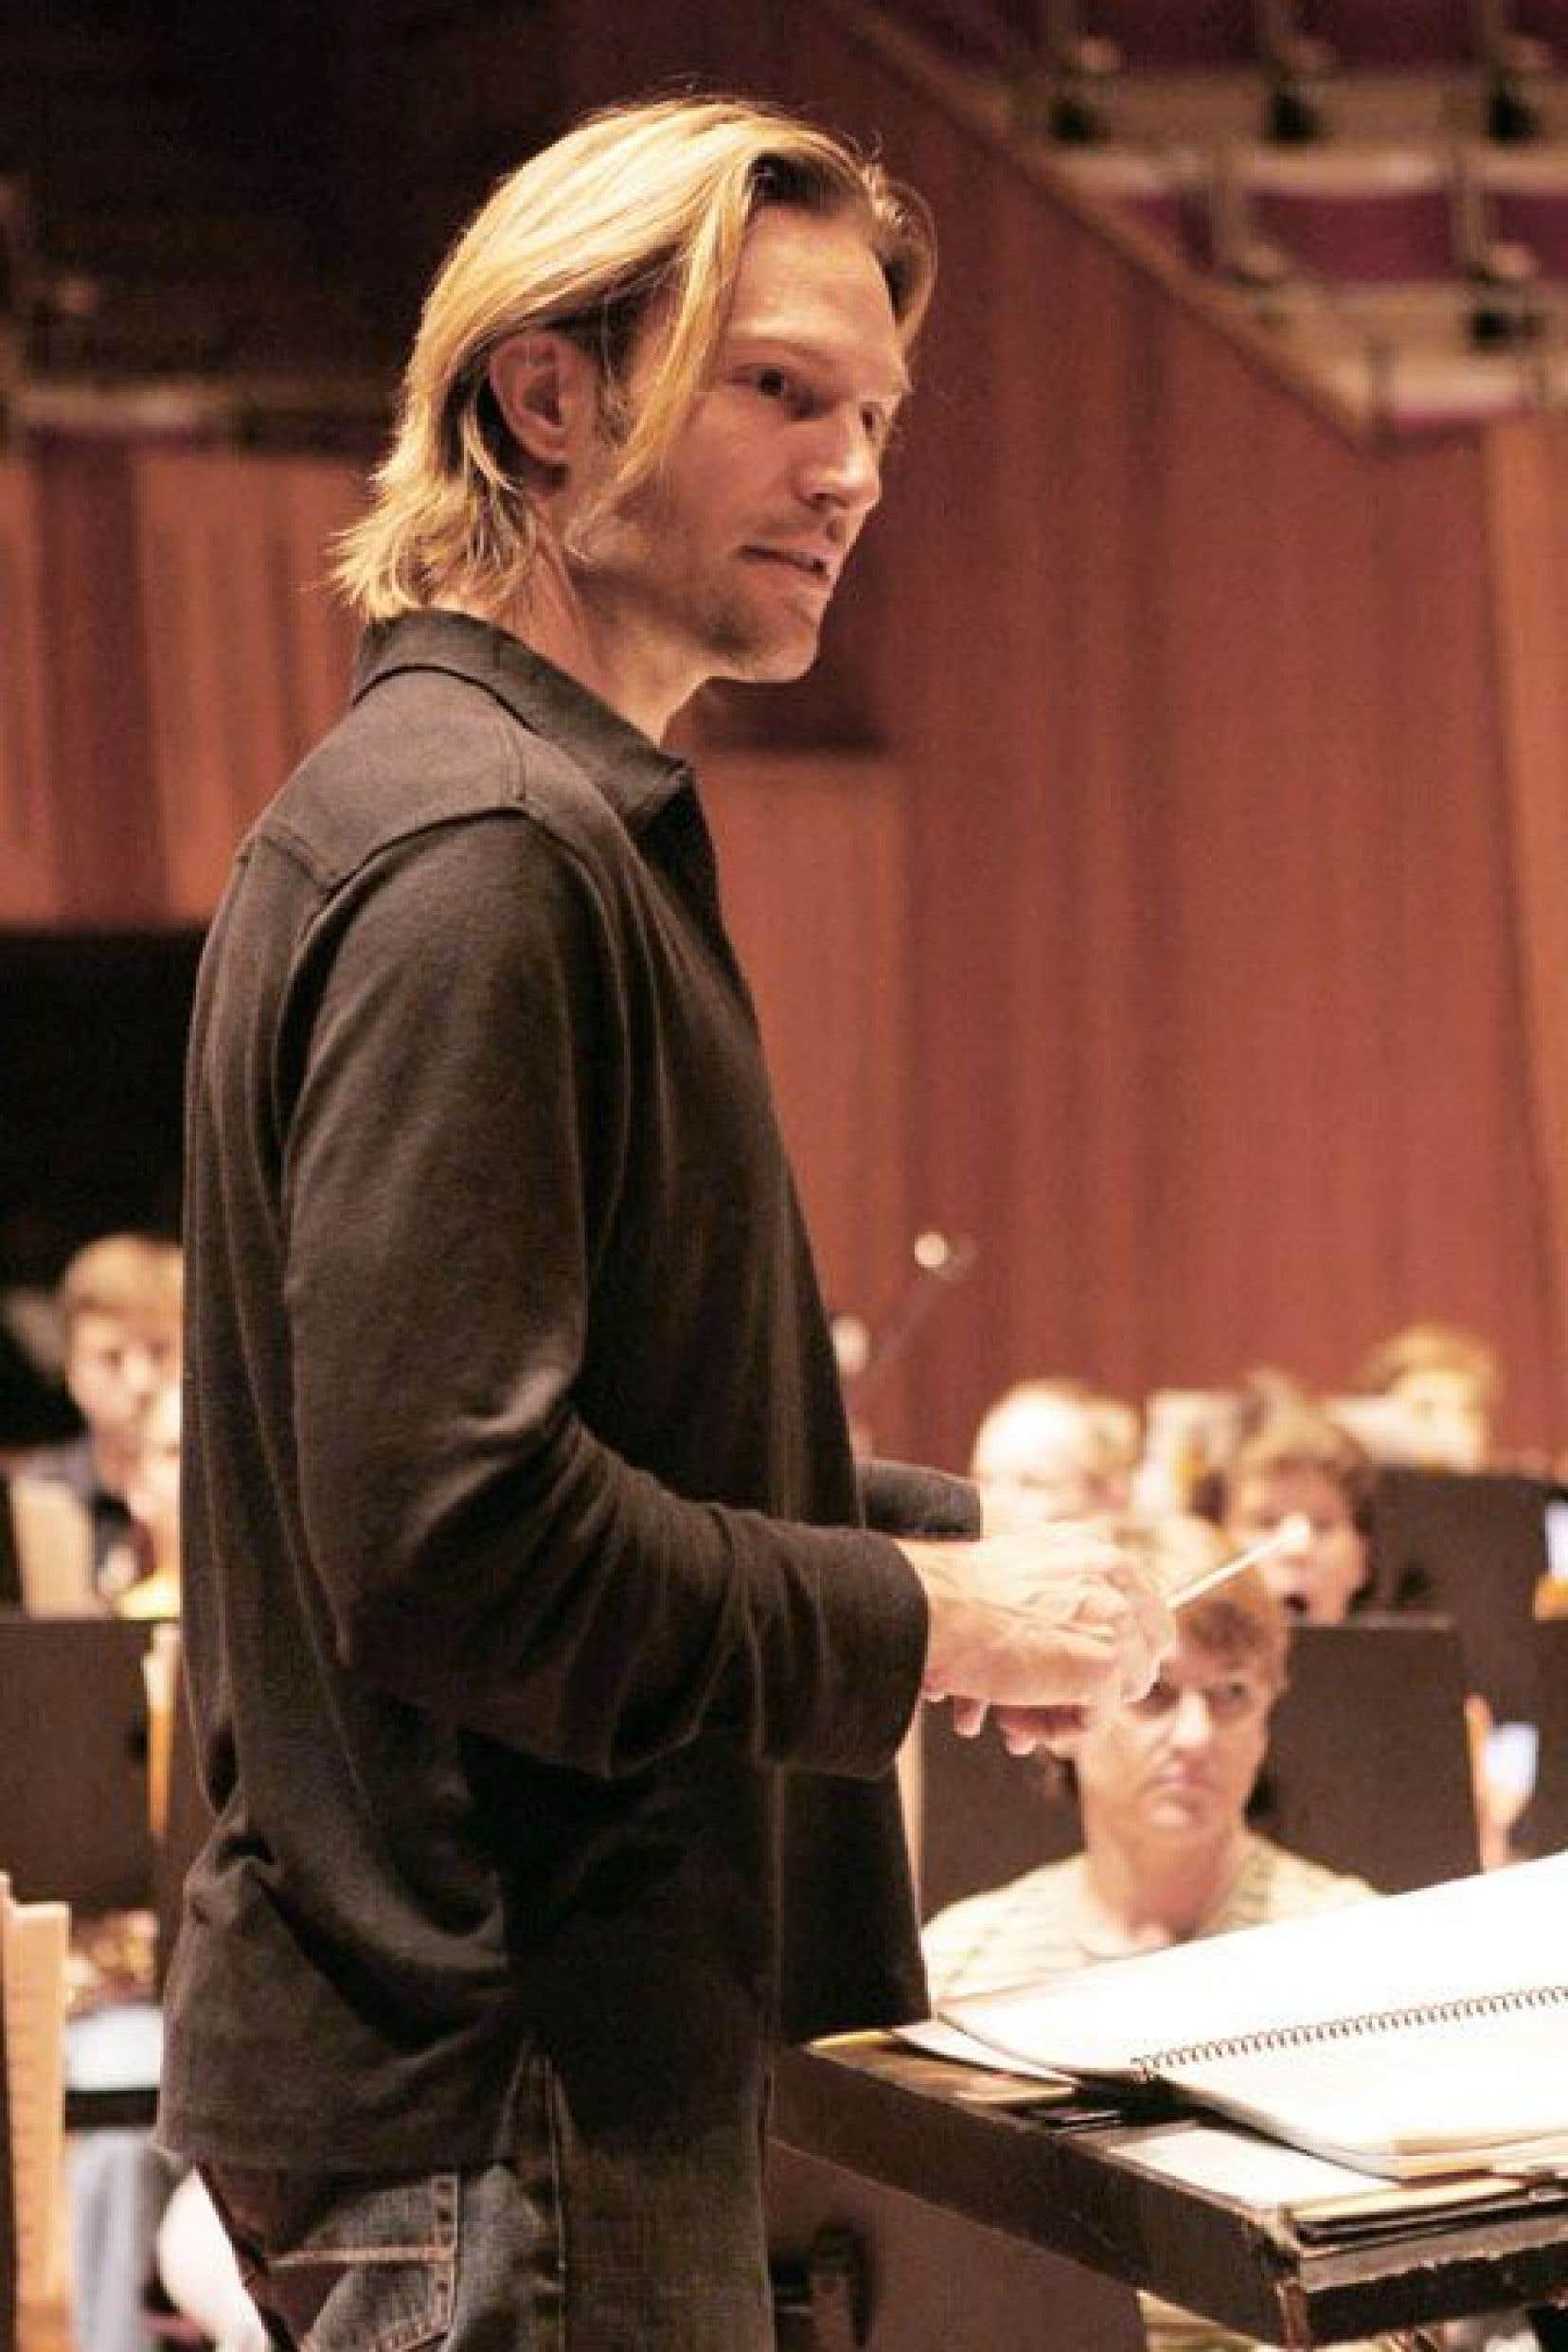 Pour le compositeur américain de musiques chorales Eric Whitacre, Spotify permet immédiatement de repérer les cinq compositions les plus écoutées, et donc les plus populaires.